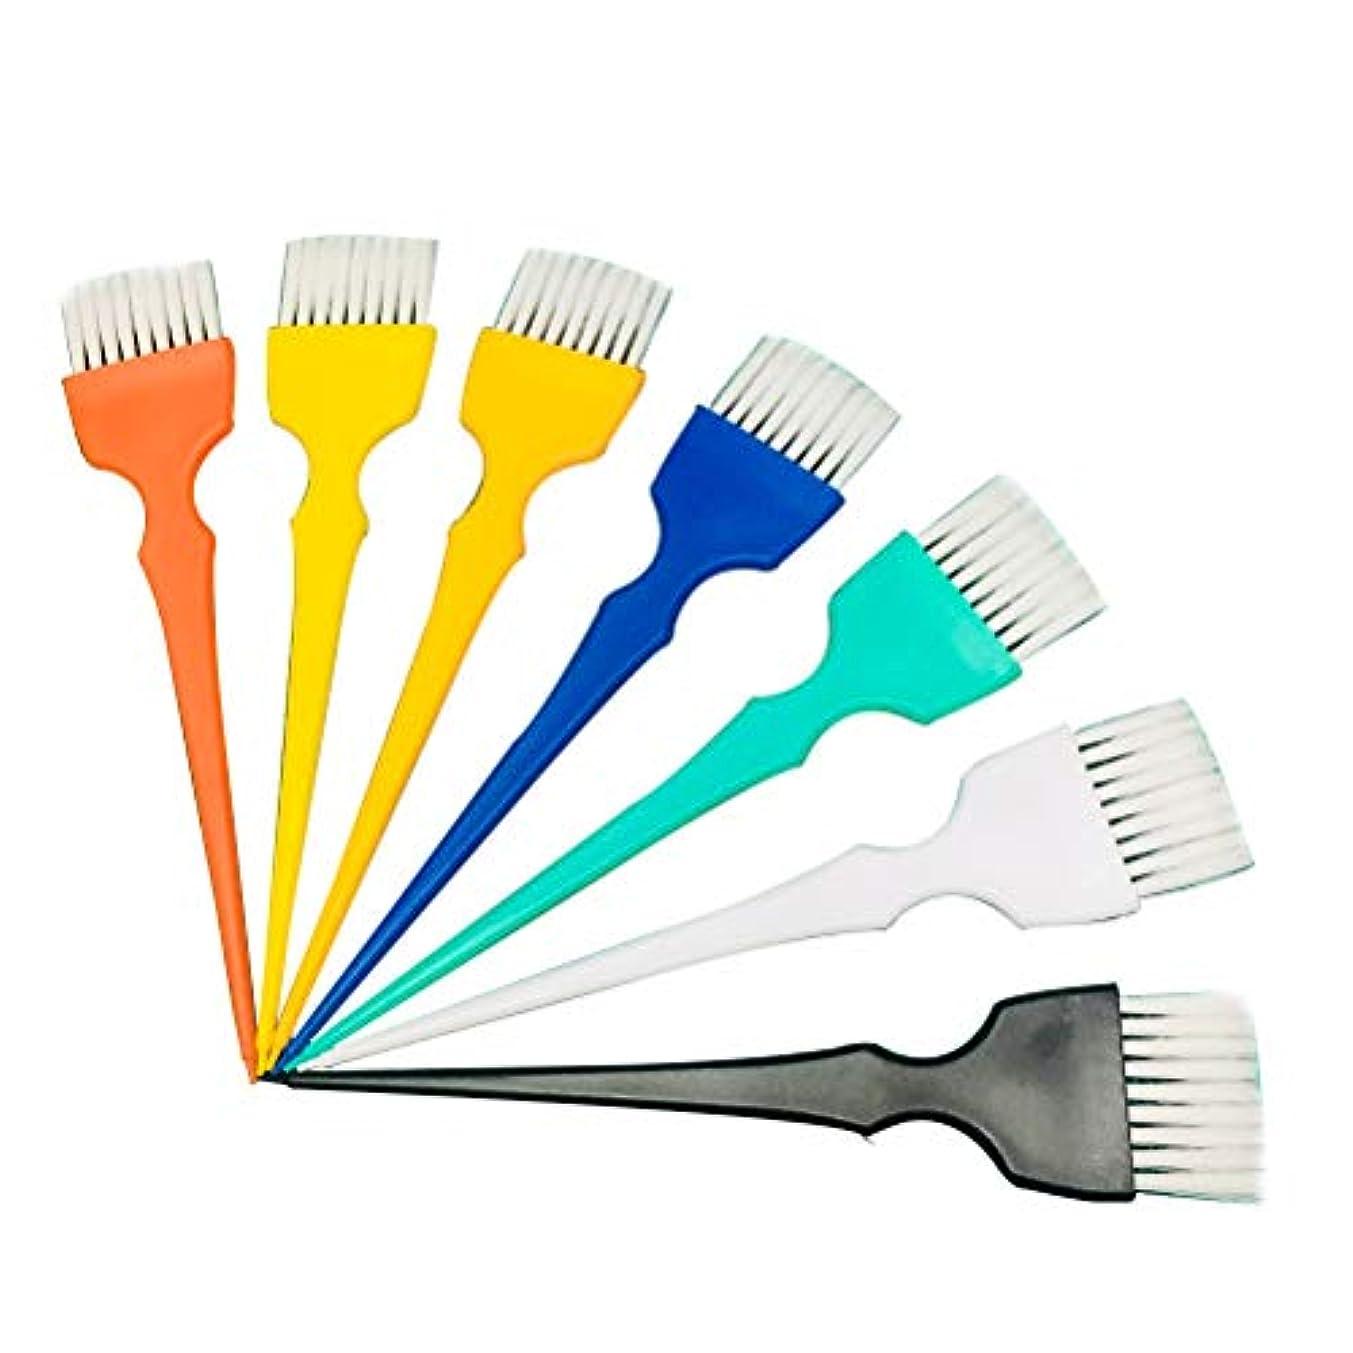 イディオム十年防ぐFrcolor ヘアダイブラシ ヘアカラーブラシ ヘアダイコーム 白髪染め 家庭用 美容師プロ用 プラスチック製 7本セット(ランダムカラー)